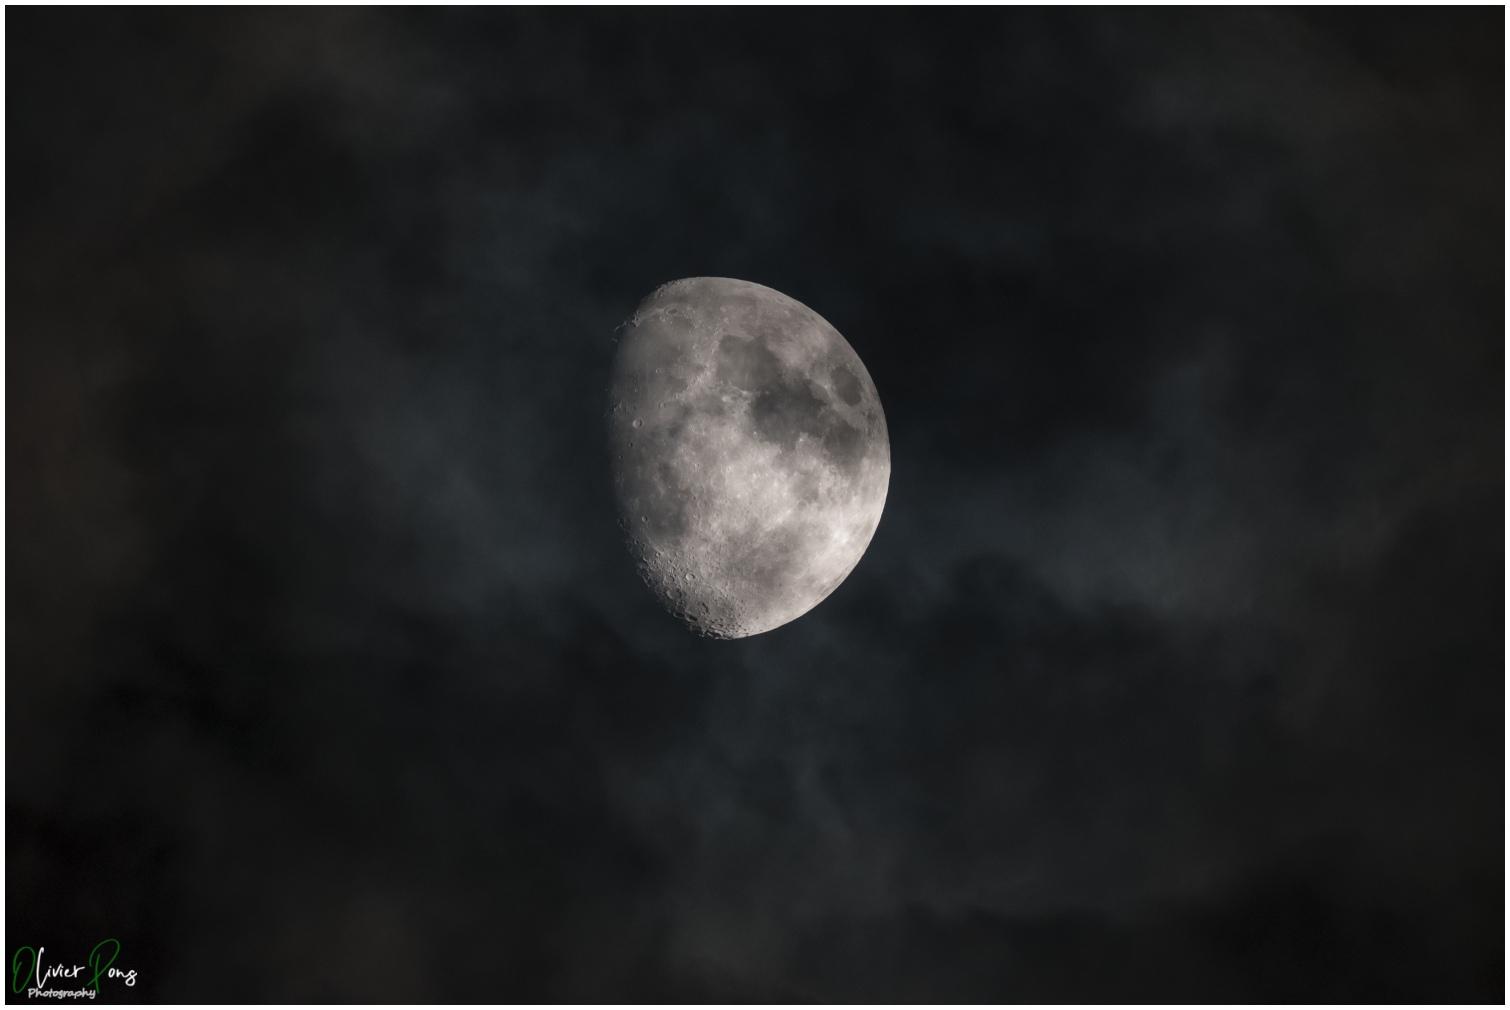 lune_600_cloudweb.jpg